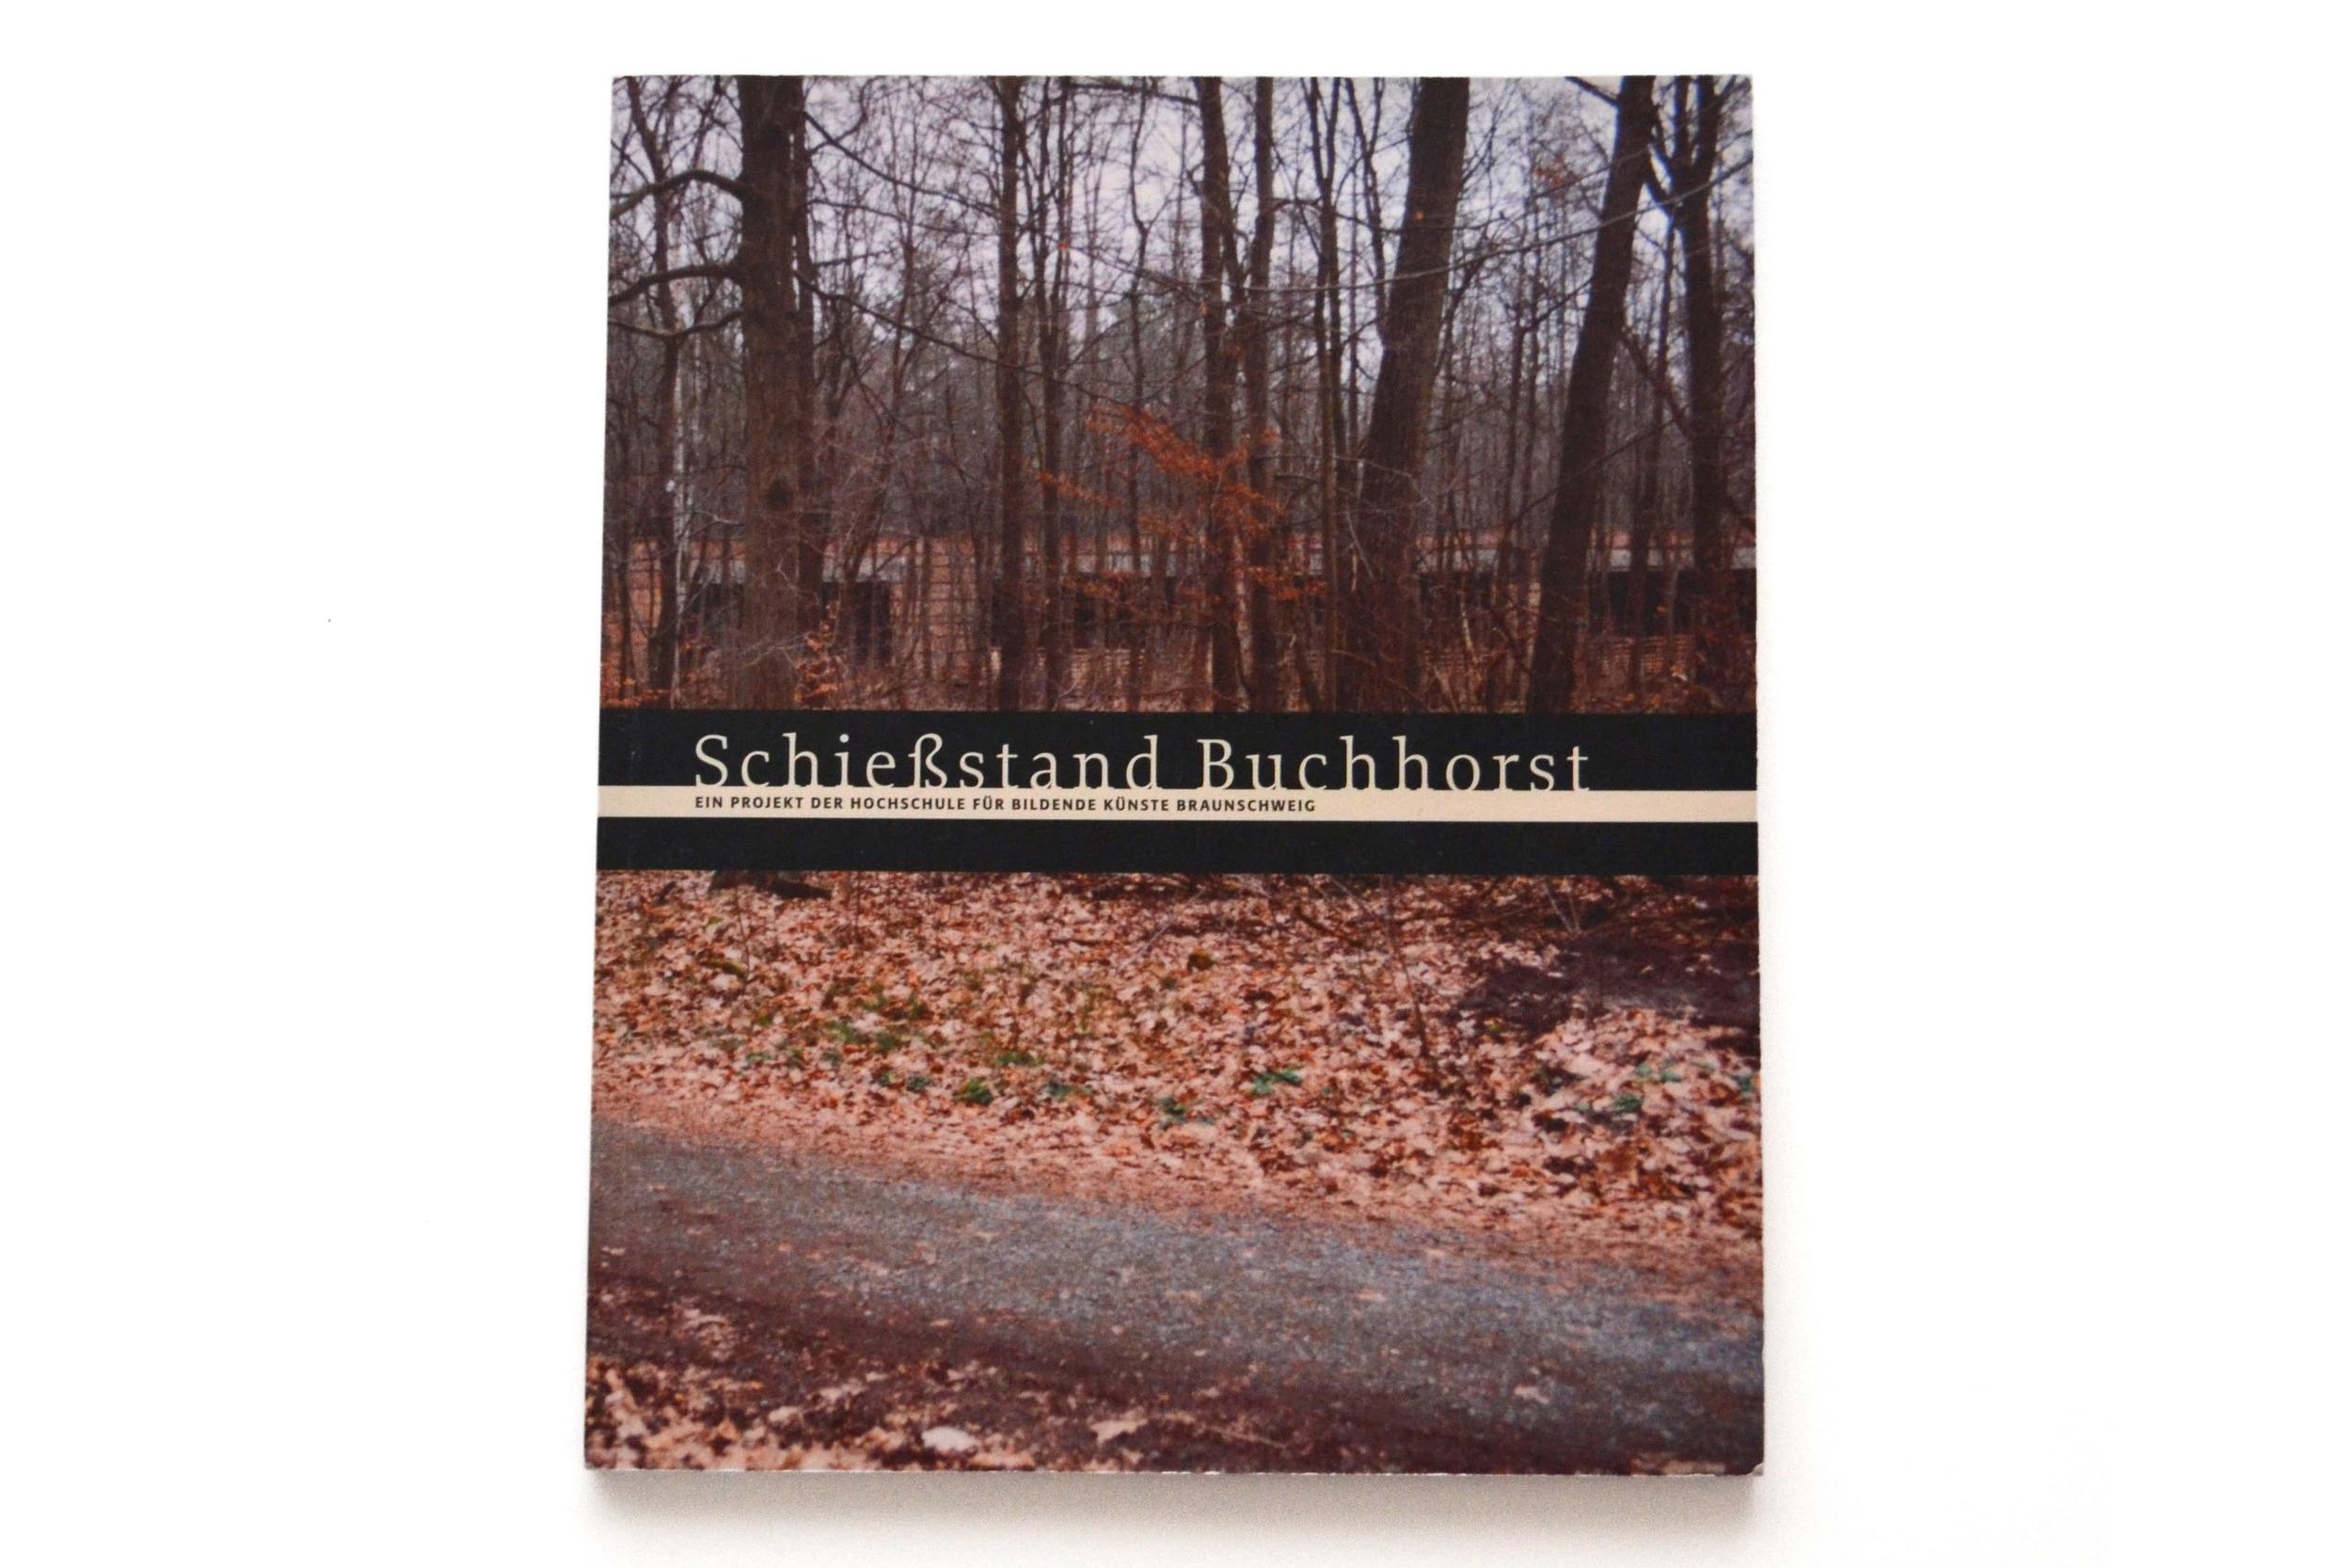 Buchhorst01.jpg